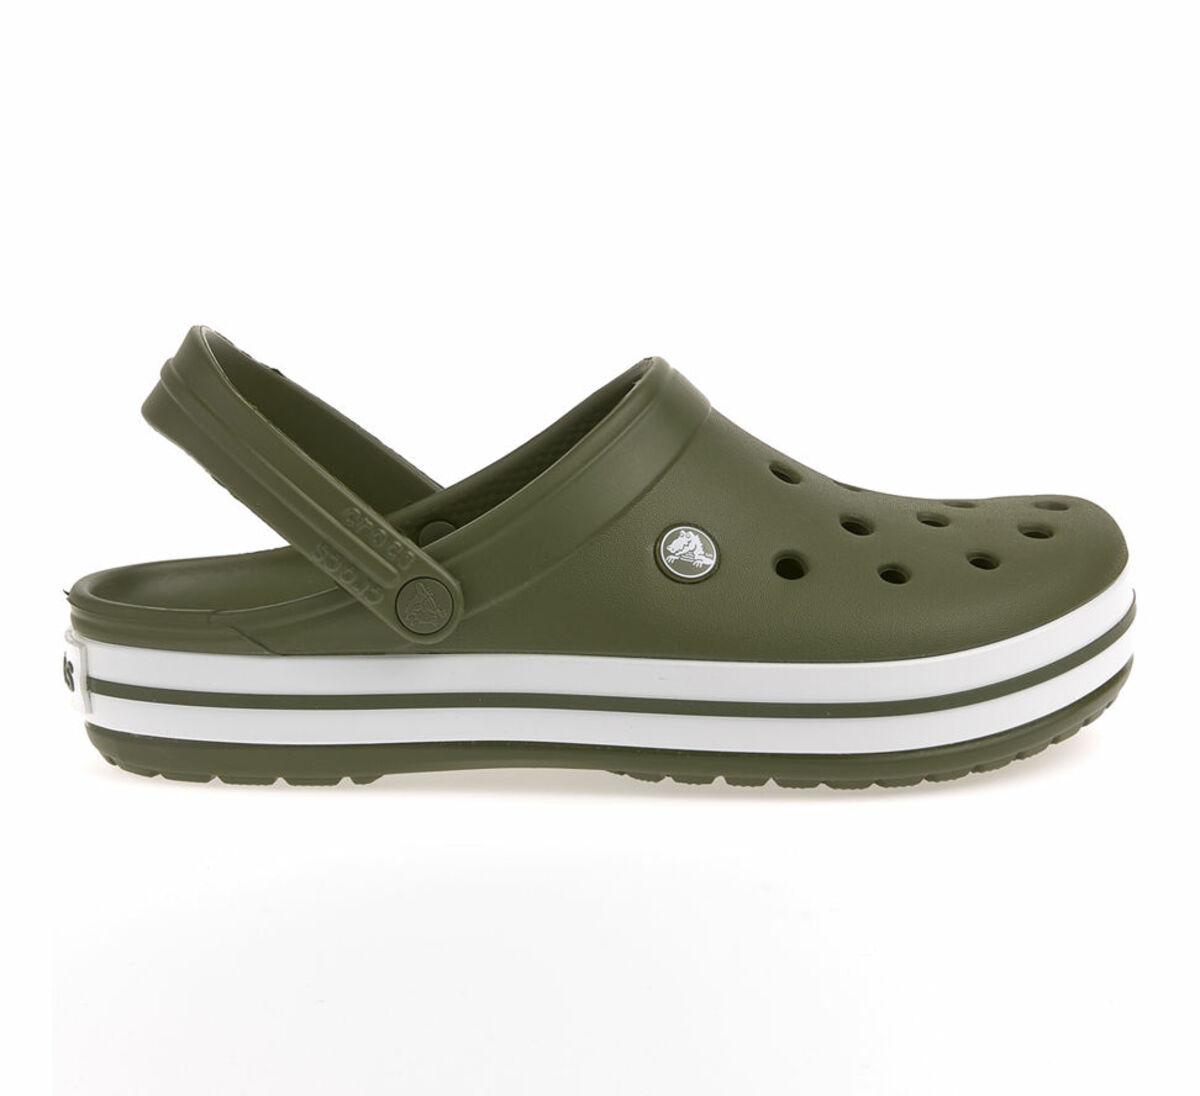 Bild 3 von Crocs Crocs - CLASSIC CLOG